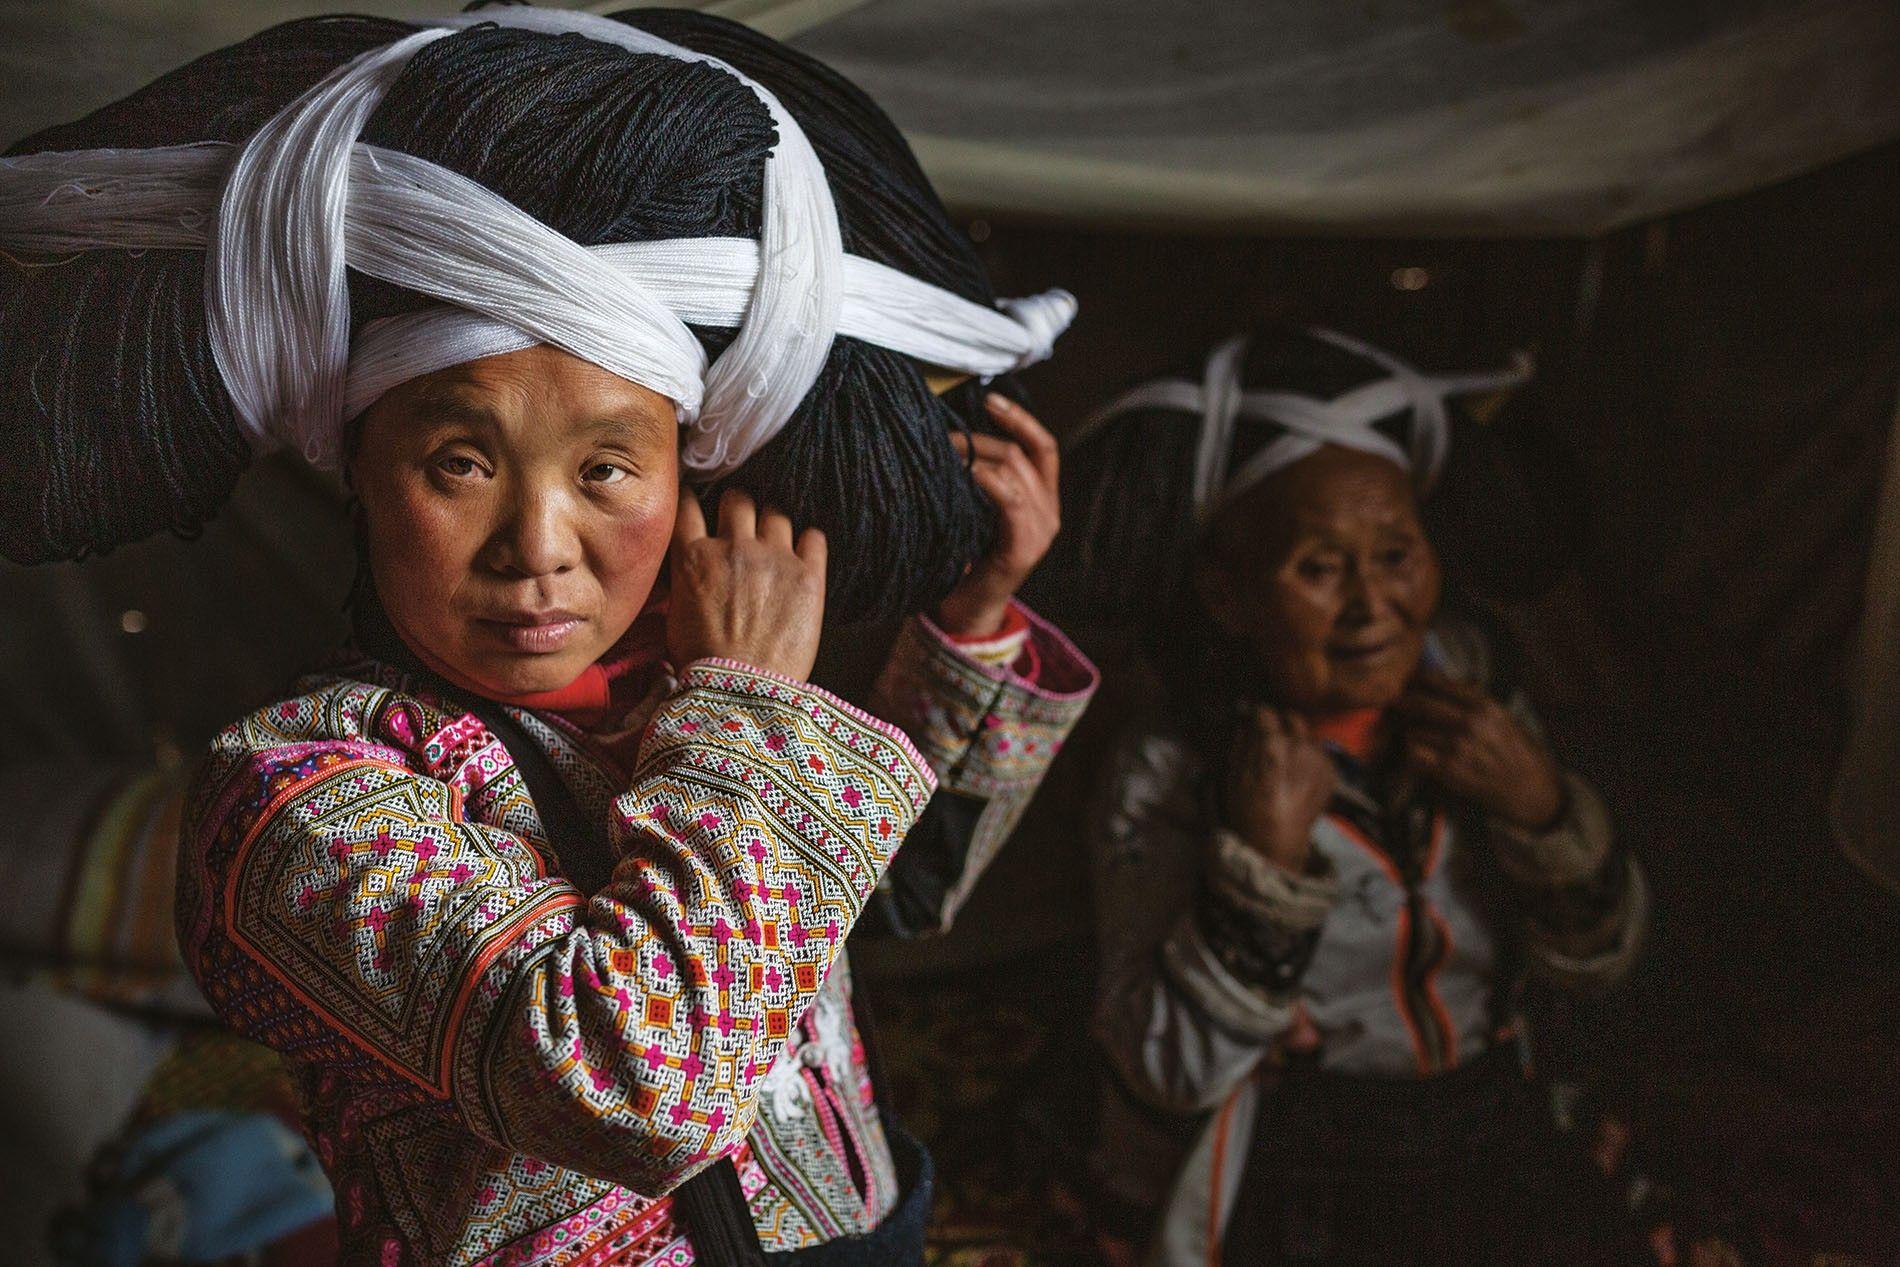 Women of the Longhorn Miao tribe in Guizhou province